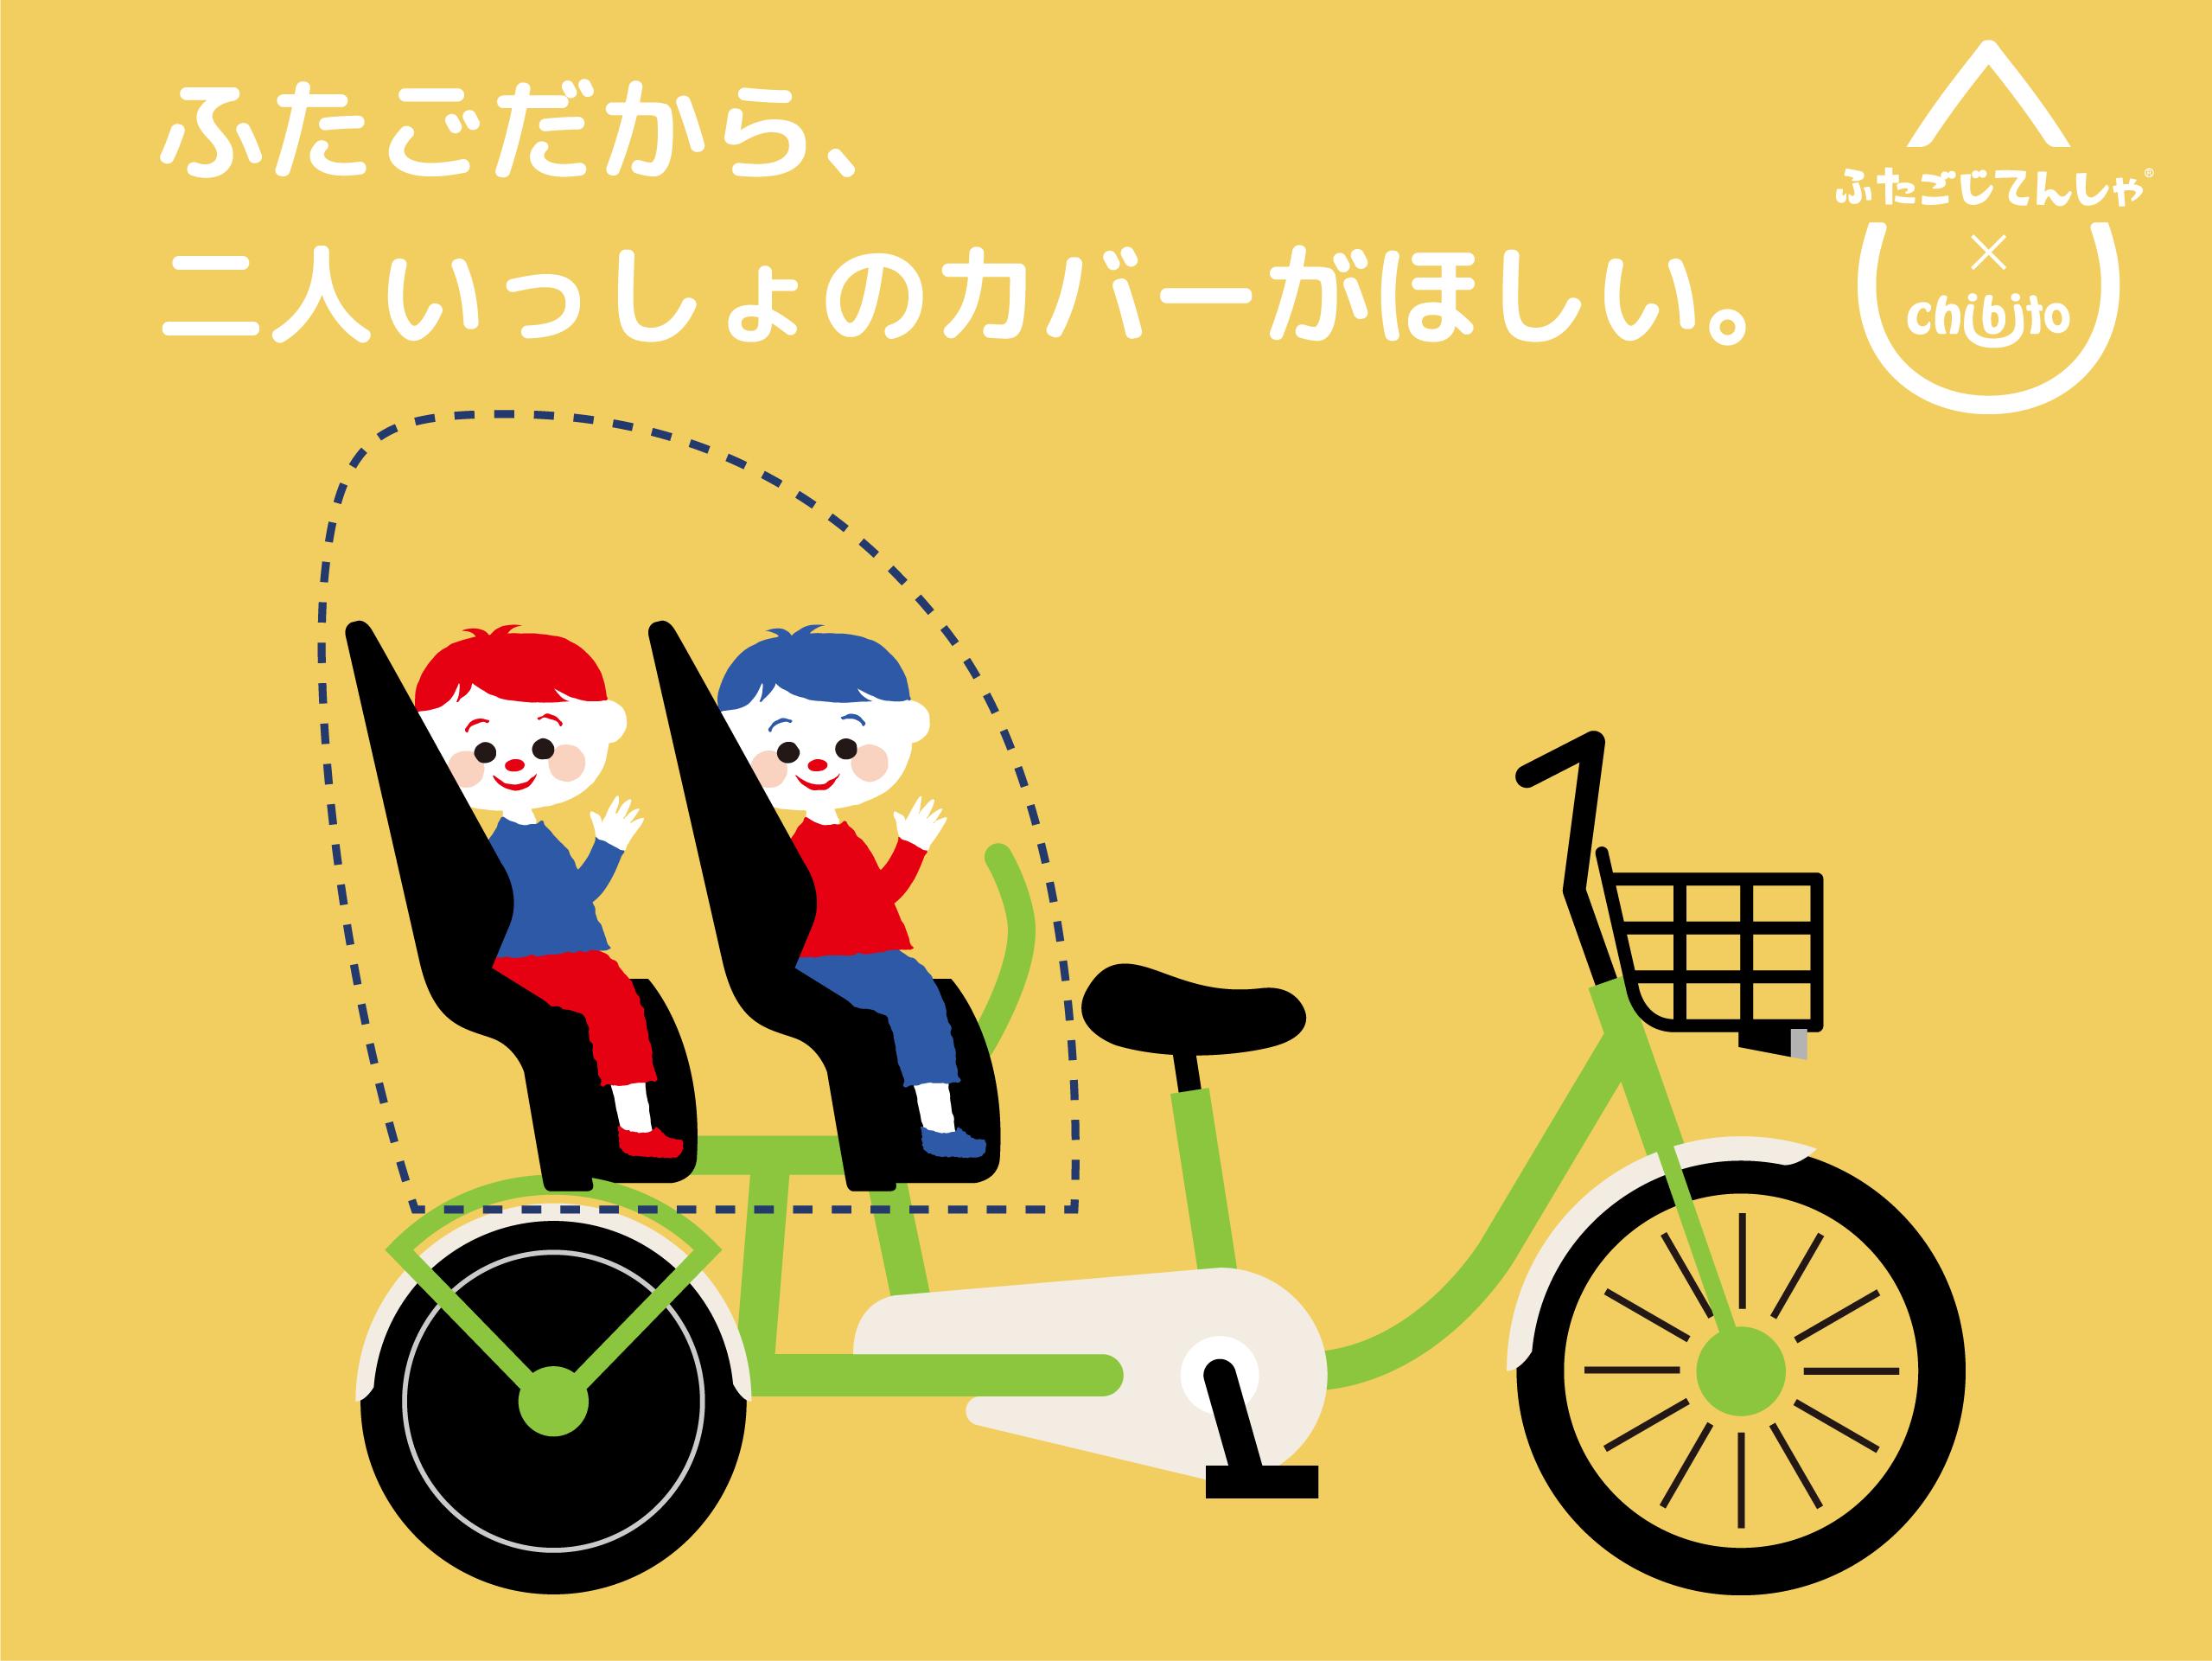 chibitoとふたごじてんしゃが協働。双子親子の雨の日の外出をサポートするレインカバーを開発。